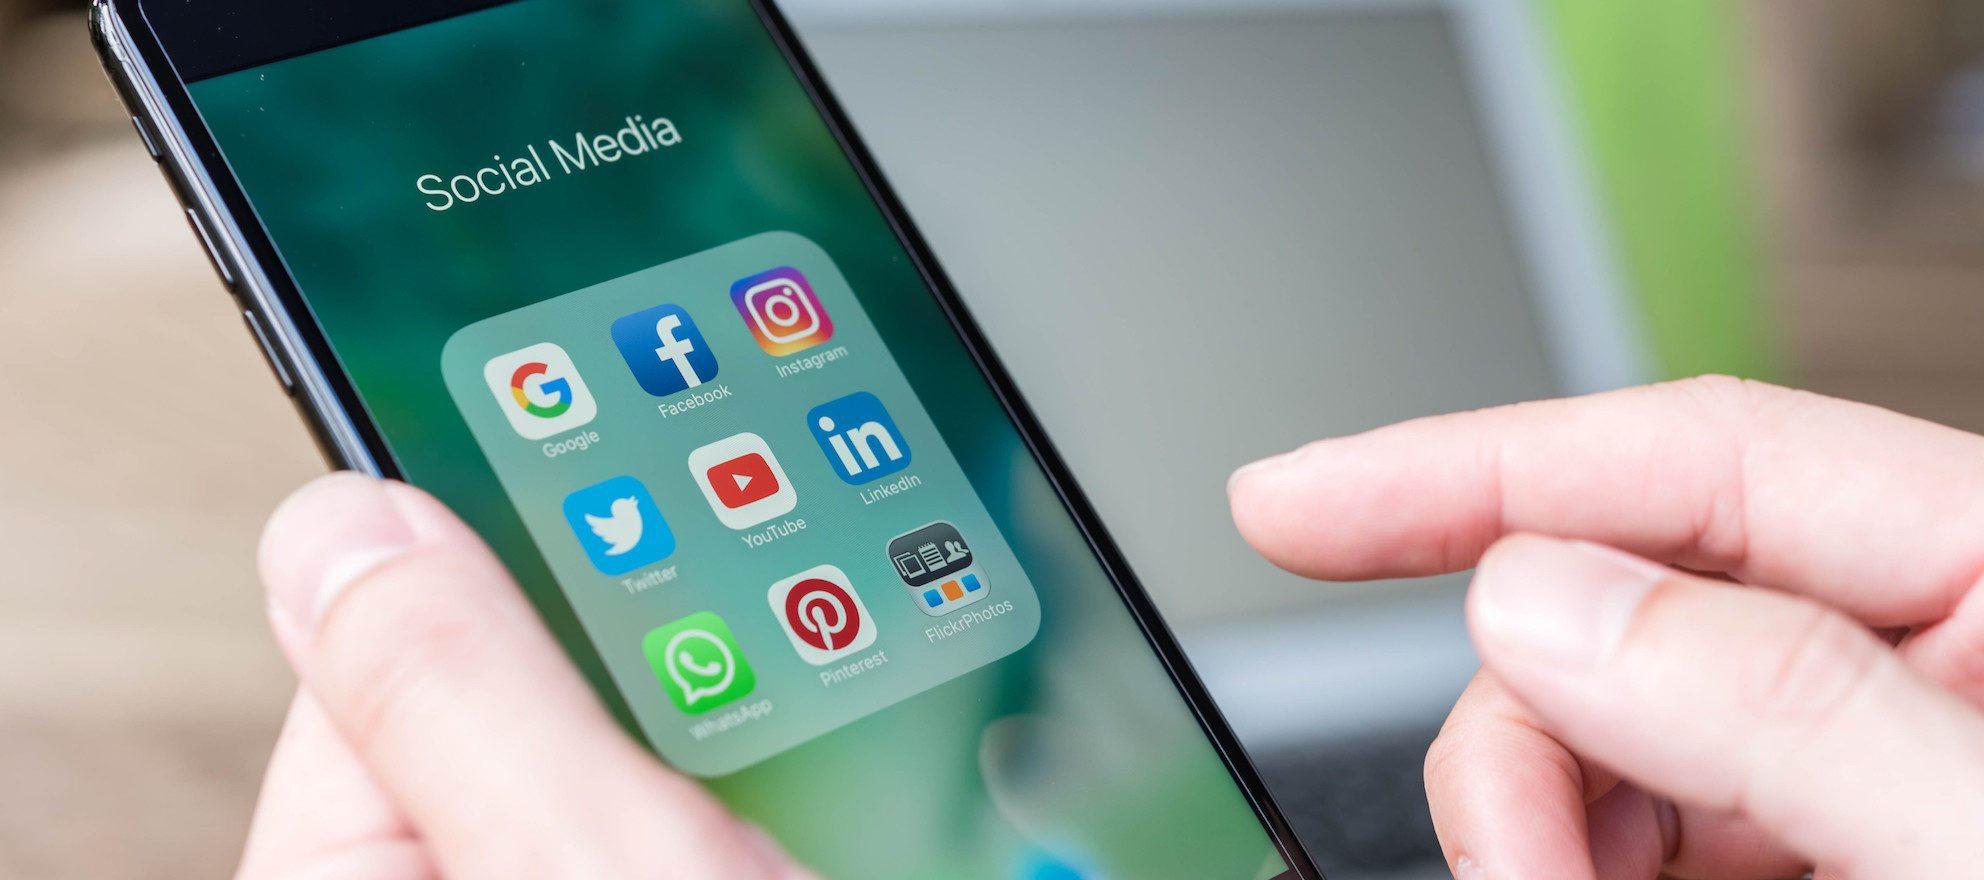 real estate social media profile